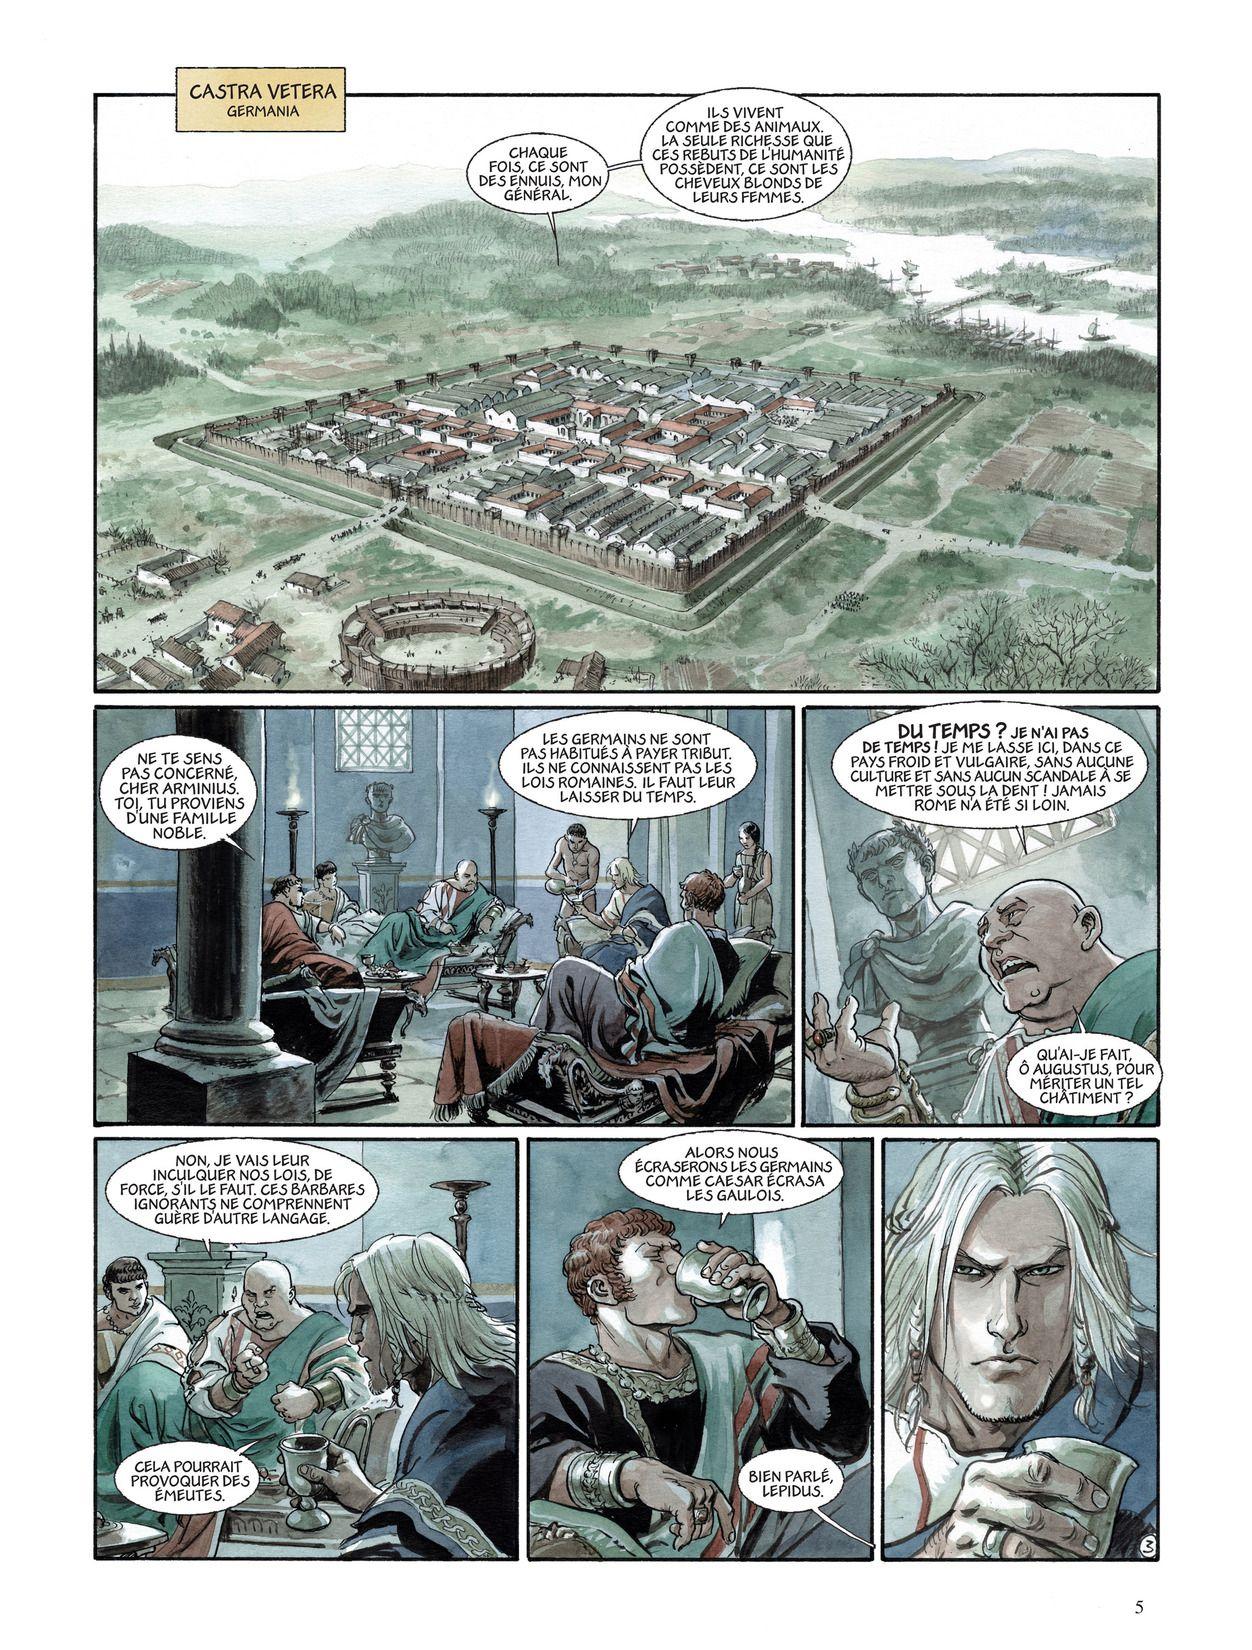 Reconstitution du camp Castra Vetera I, érigé en 13 av. J.-C. par le général romain  Drusus au confluent de la Lippe et du Rhin.  Planche 3 du tome 3 (Dargaud - 2011)